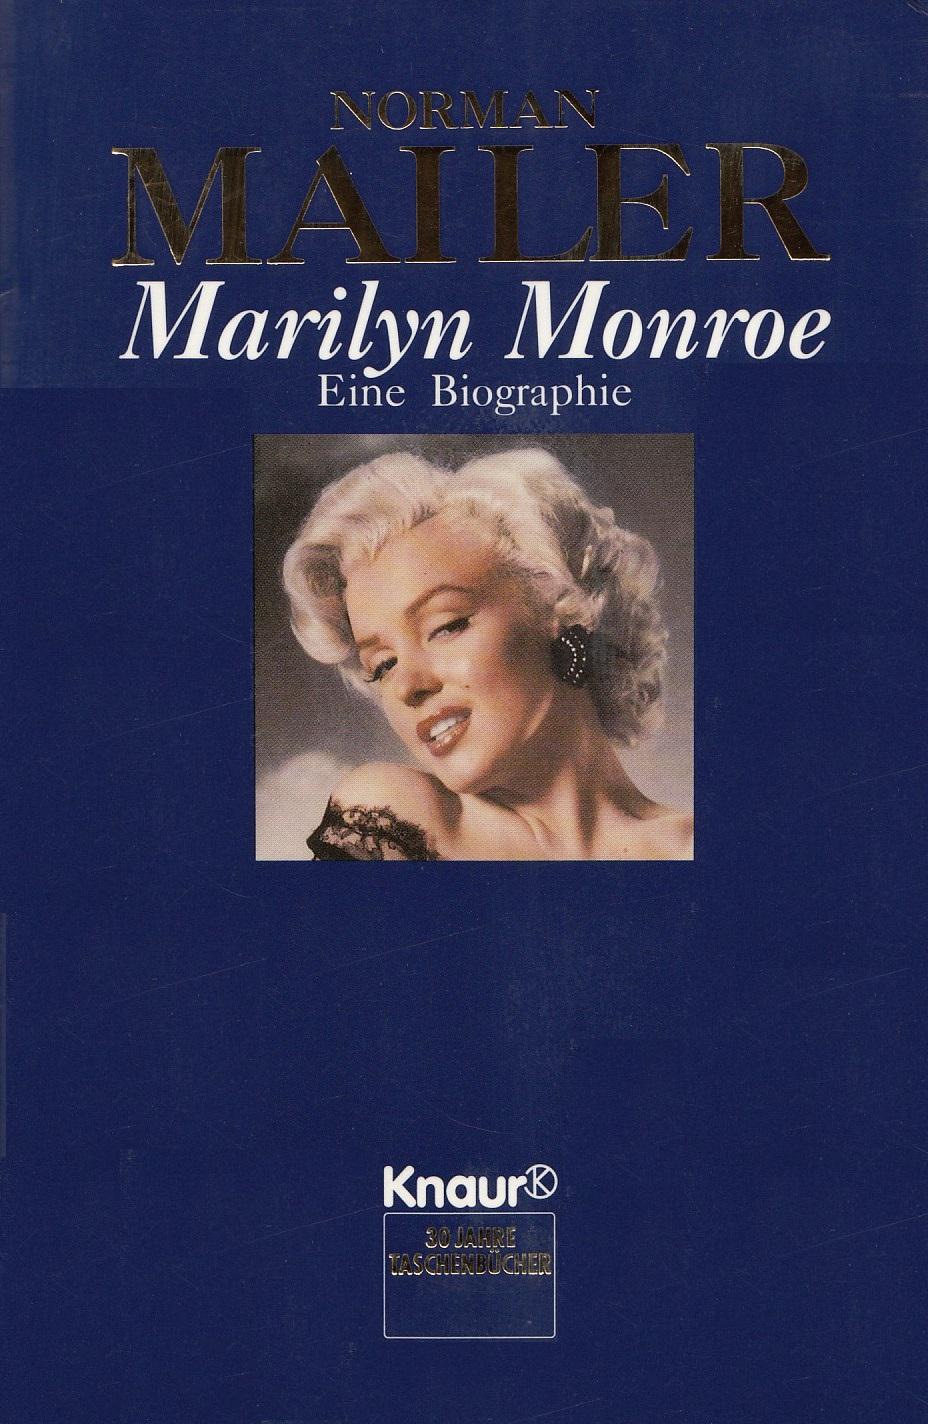 Marilyn Monroe: Eine Biographie - Norman Mailer...